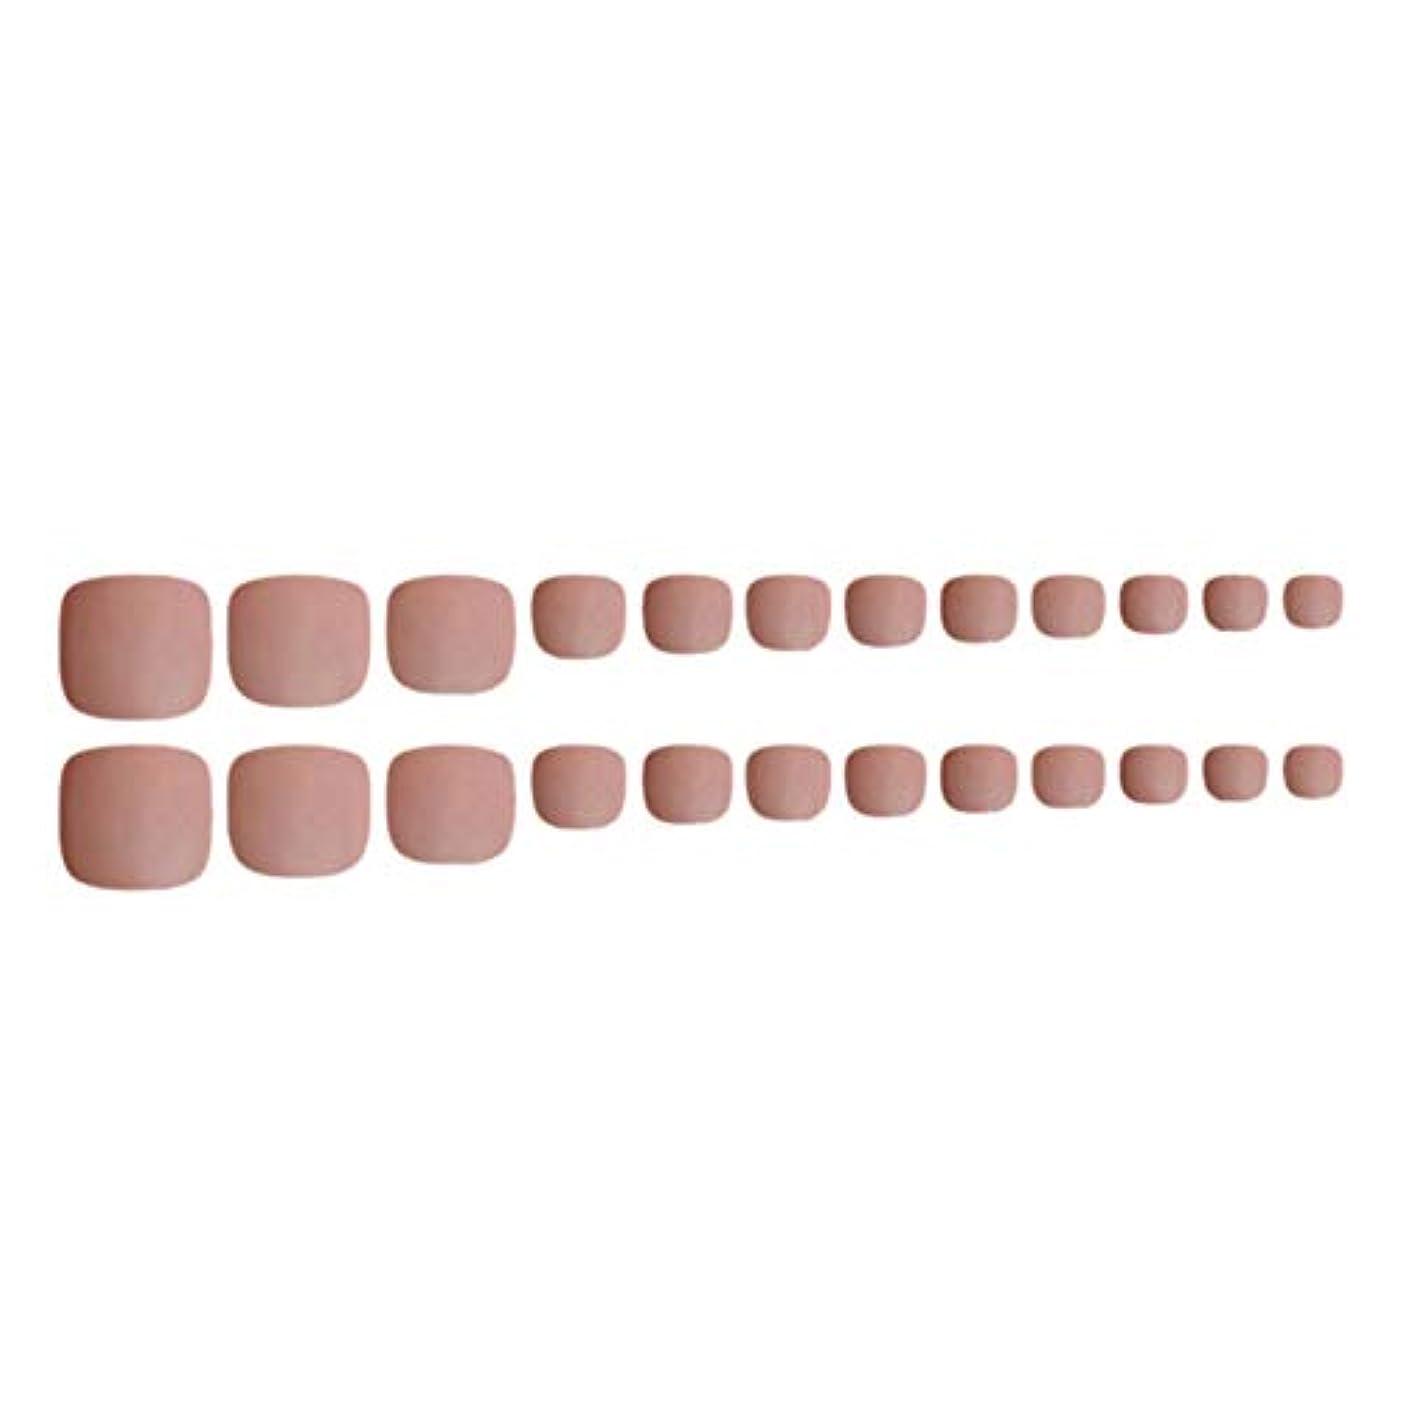 肯定的歯車痛みDecdeal ネイルチップ 24ピース 12サイズ 偽つま先 ネイル用品 ネイルキャンディカラフルなプレスオントゥネイル人工ネイルアートのヒント